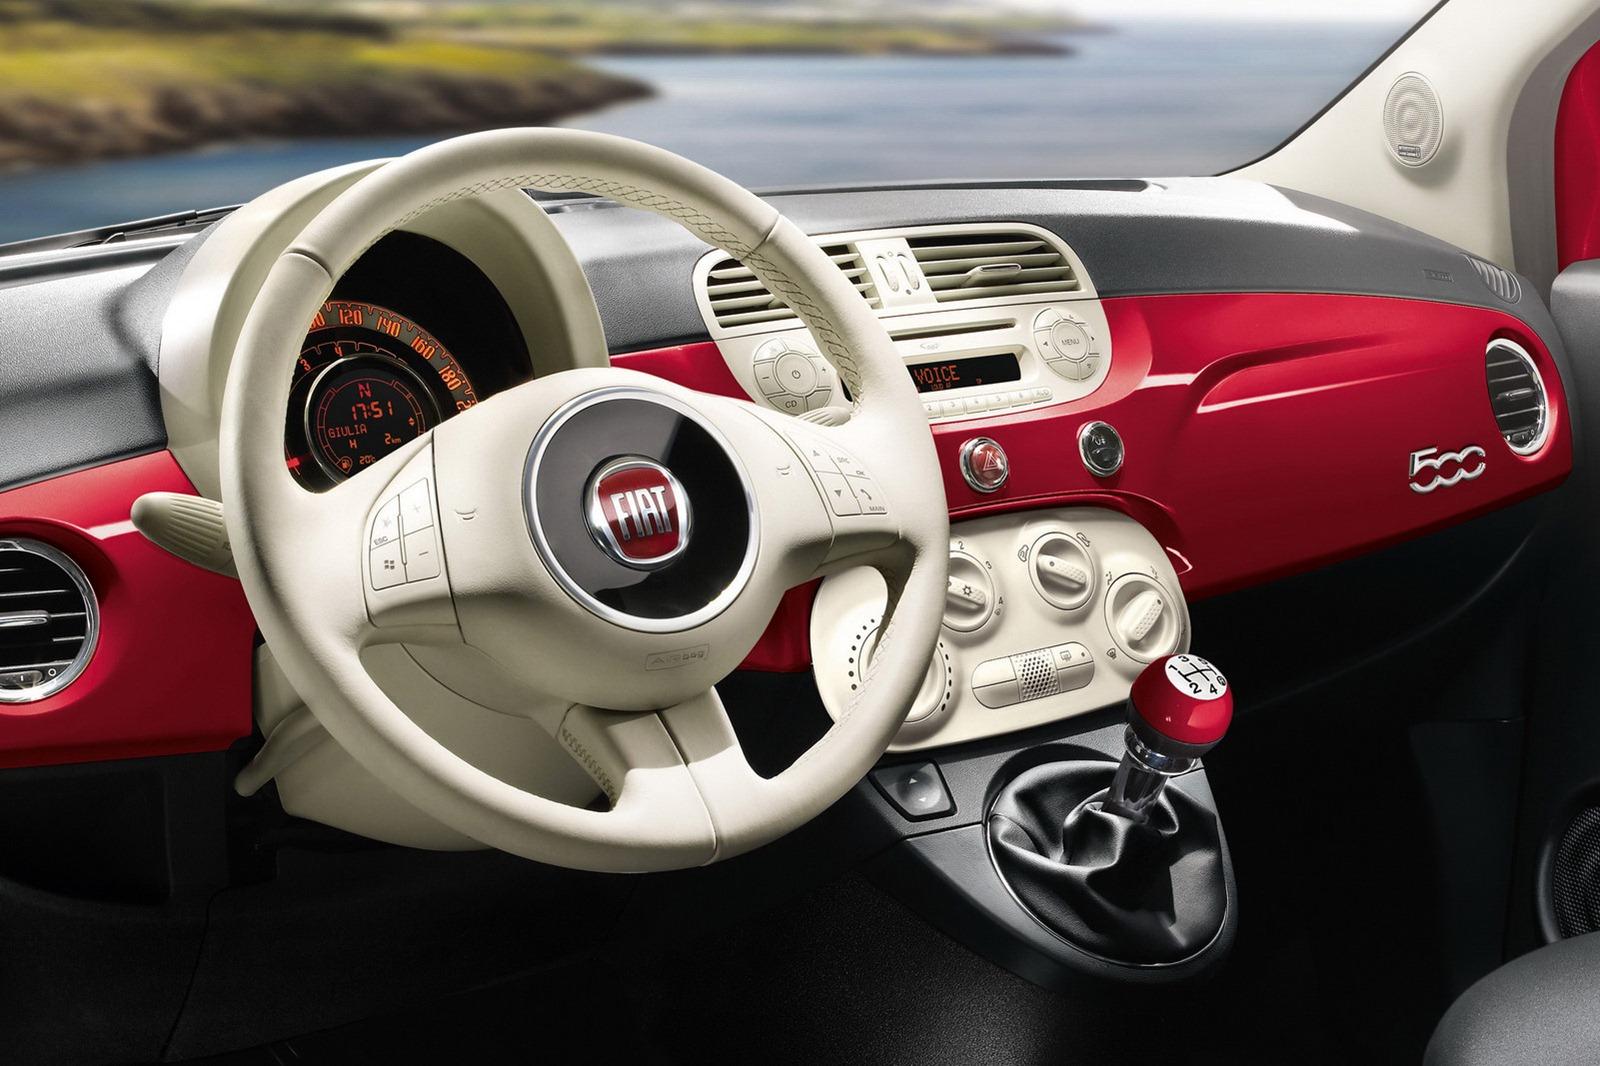 Fiat-5003